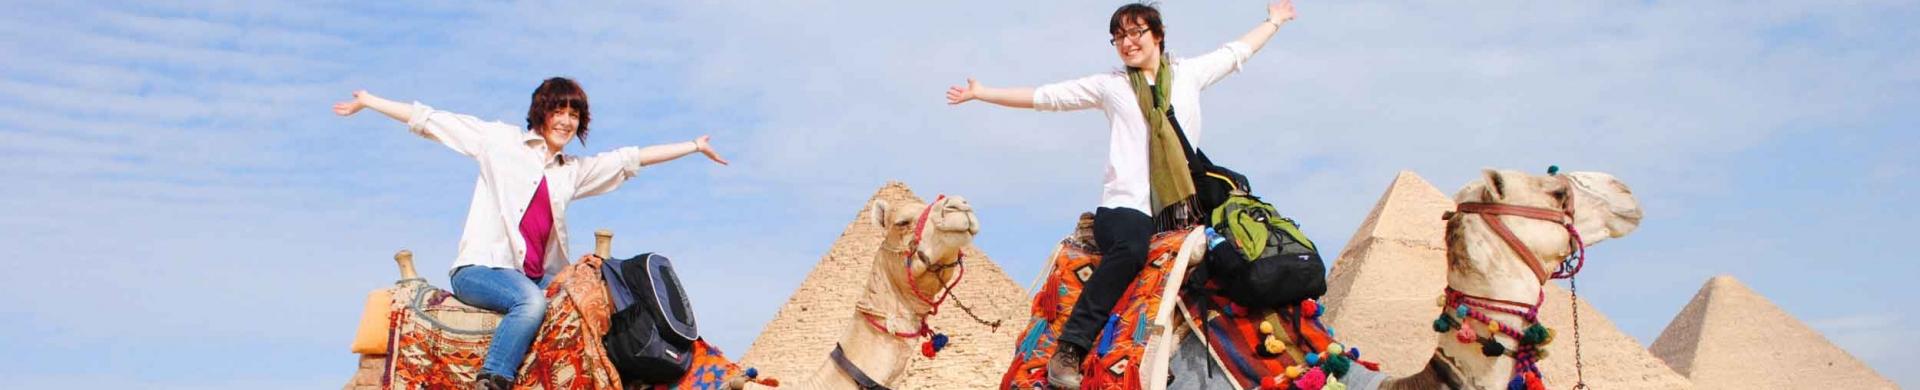 explore amazıng egypt